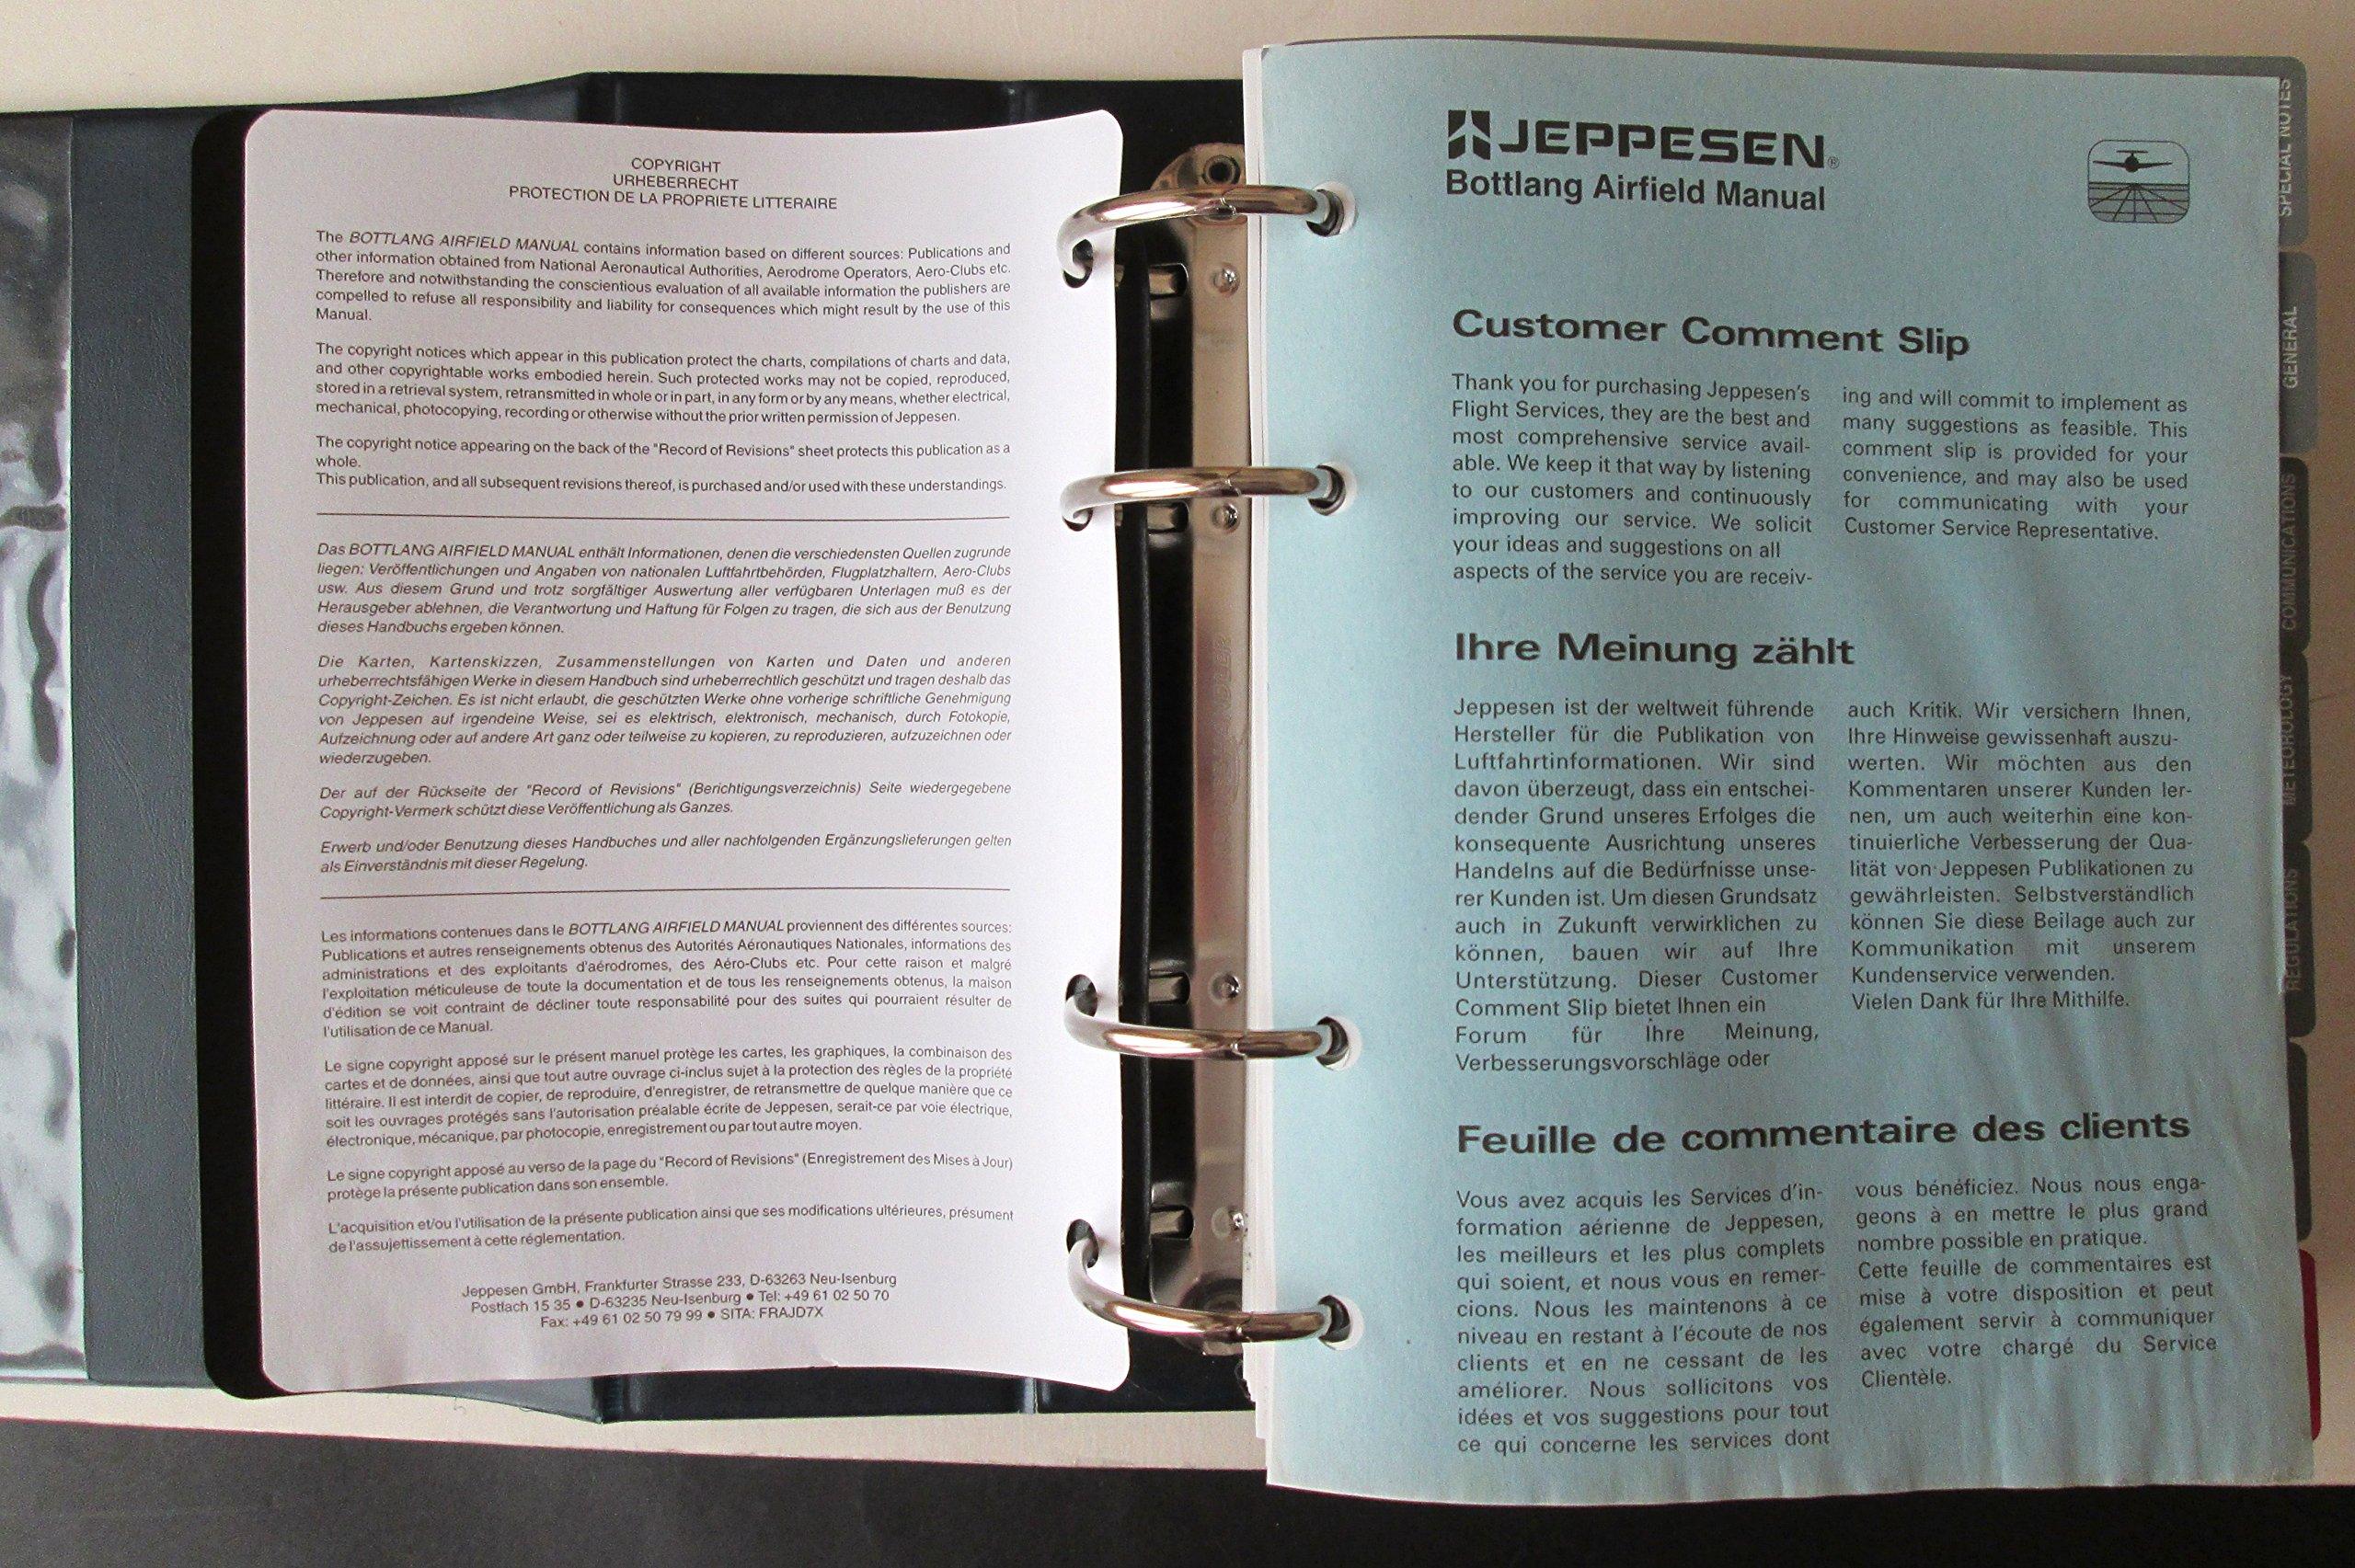 Jeppesen Bottlang Airfield Manual: Amazon.co.uk: Jeppesen: Books